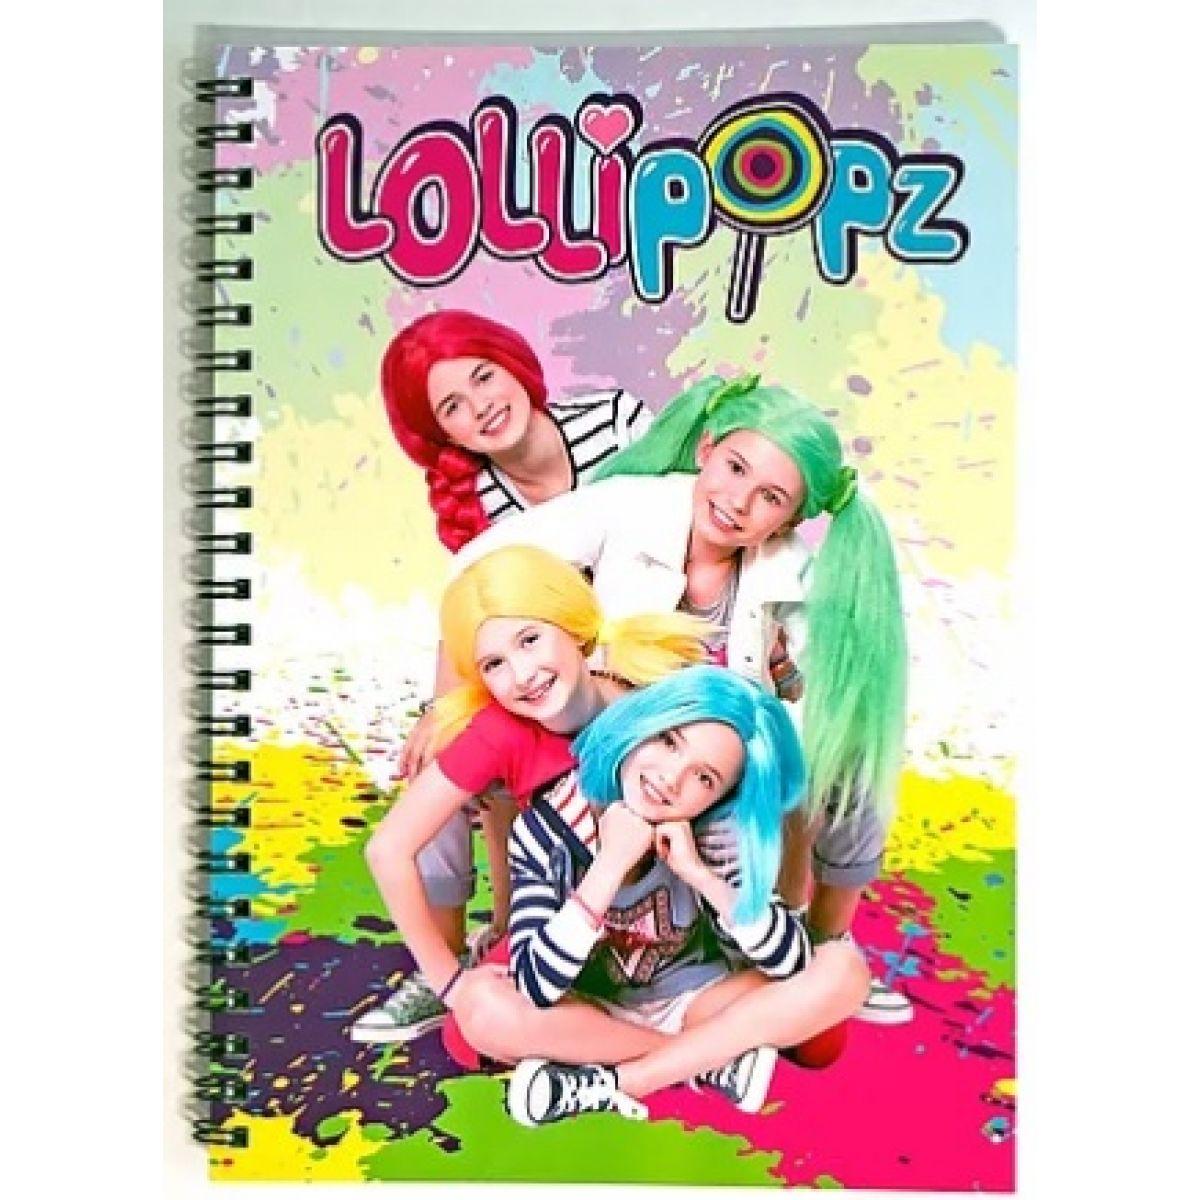 Zápisník Lollipopz veľkosť A5